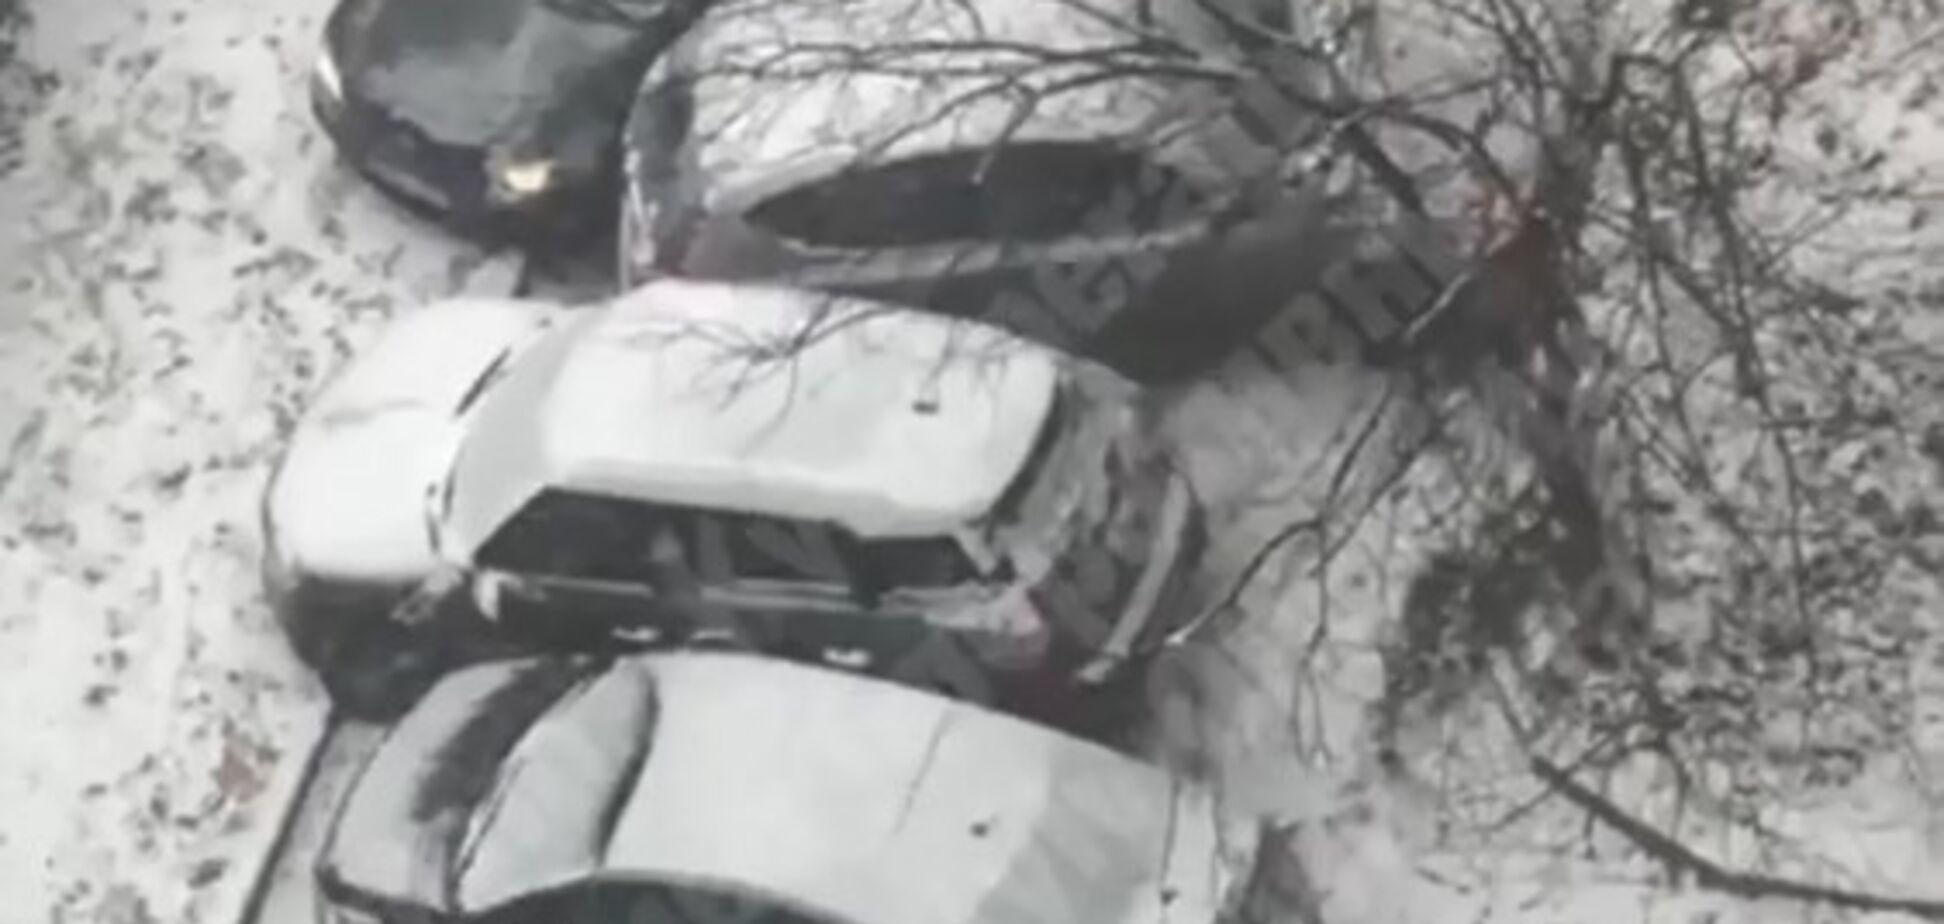 У Києві трапилася ДТП з 6 авто: момент аварії зняли на відео